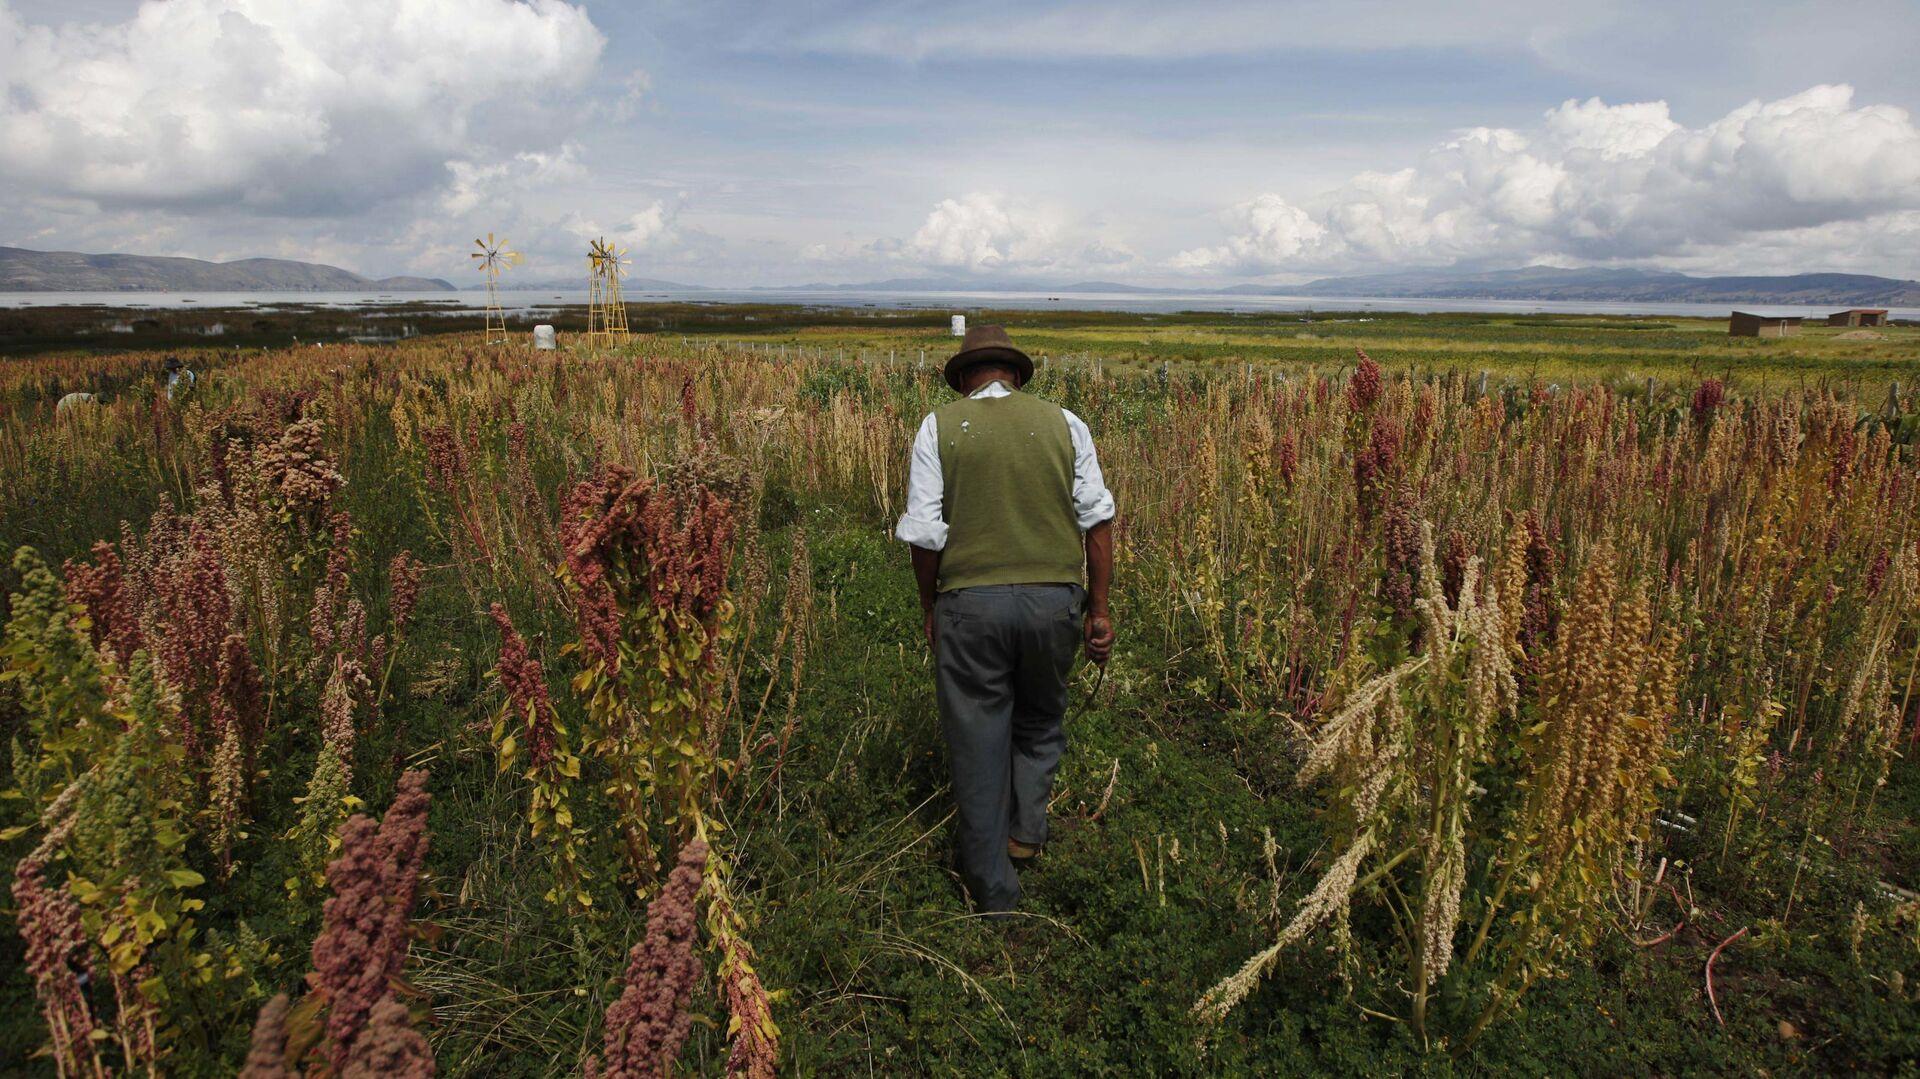 Bolivia cultivos - Sputnik Mundo, 1920, 27.08.2021